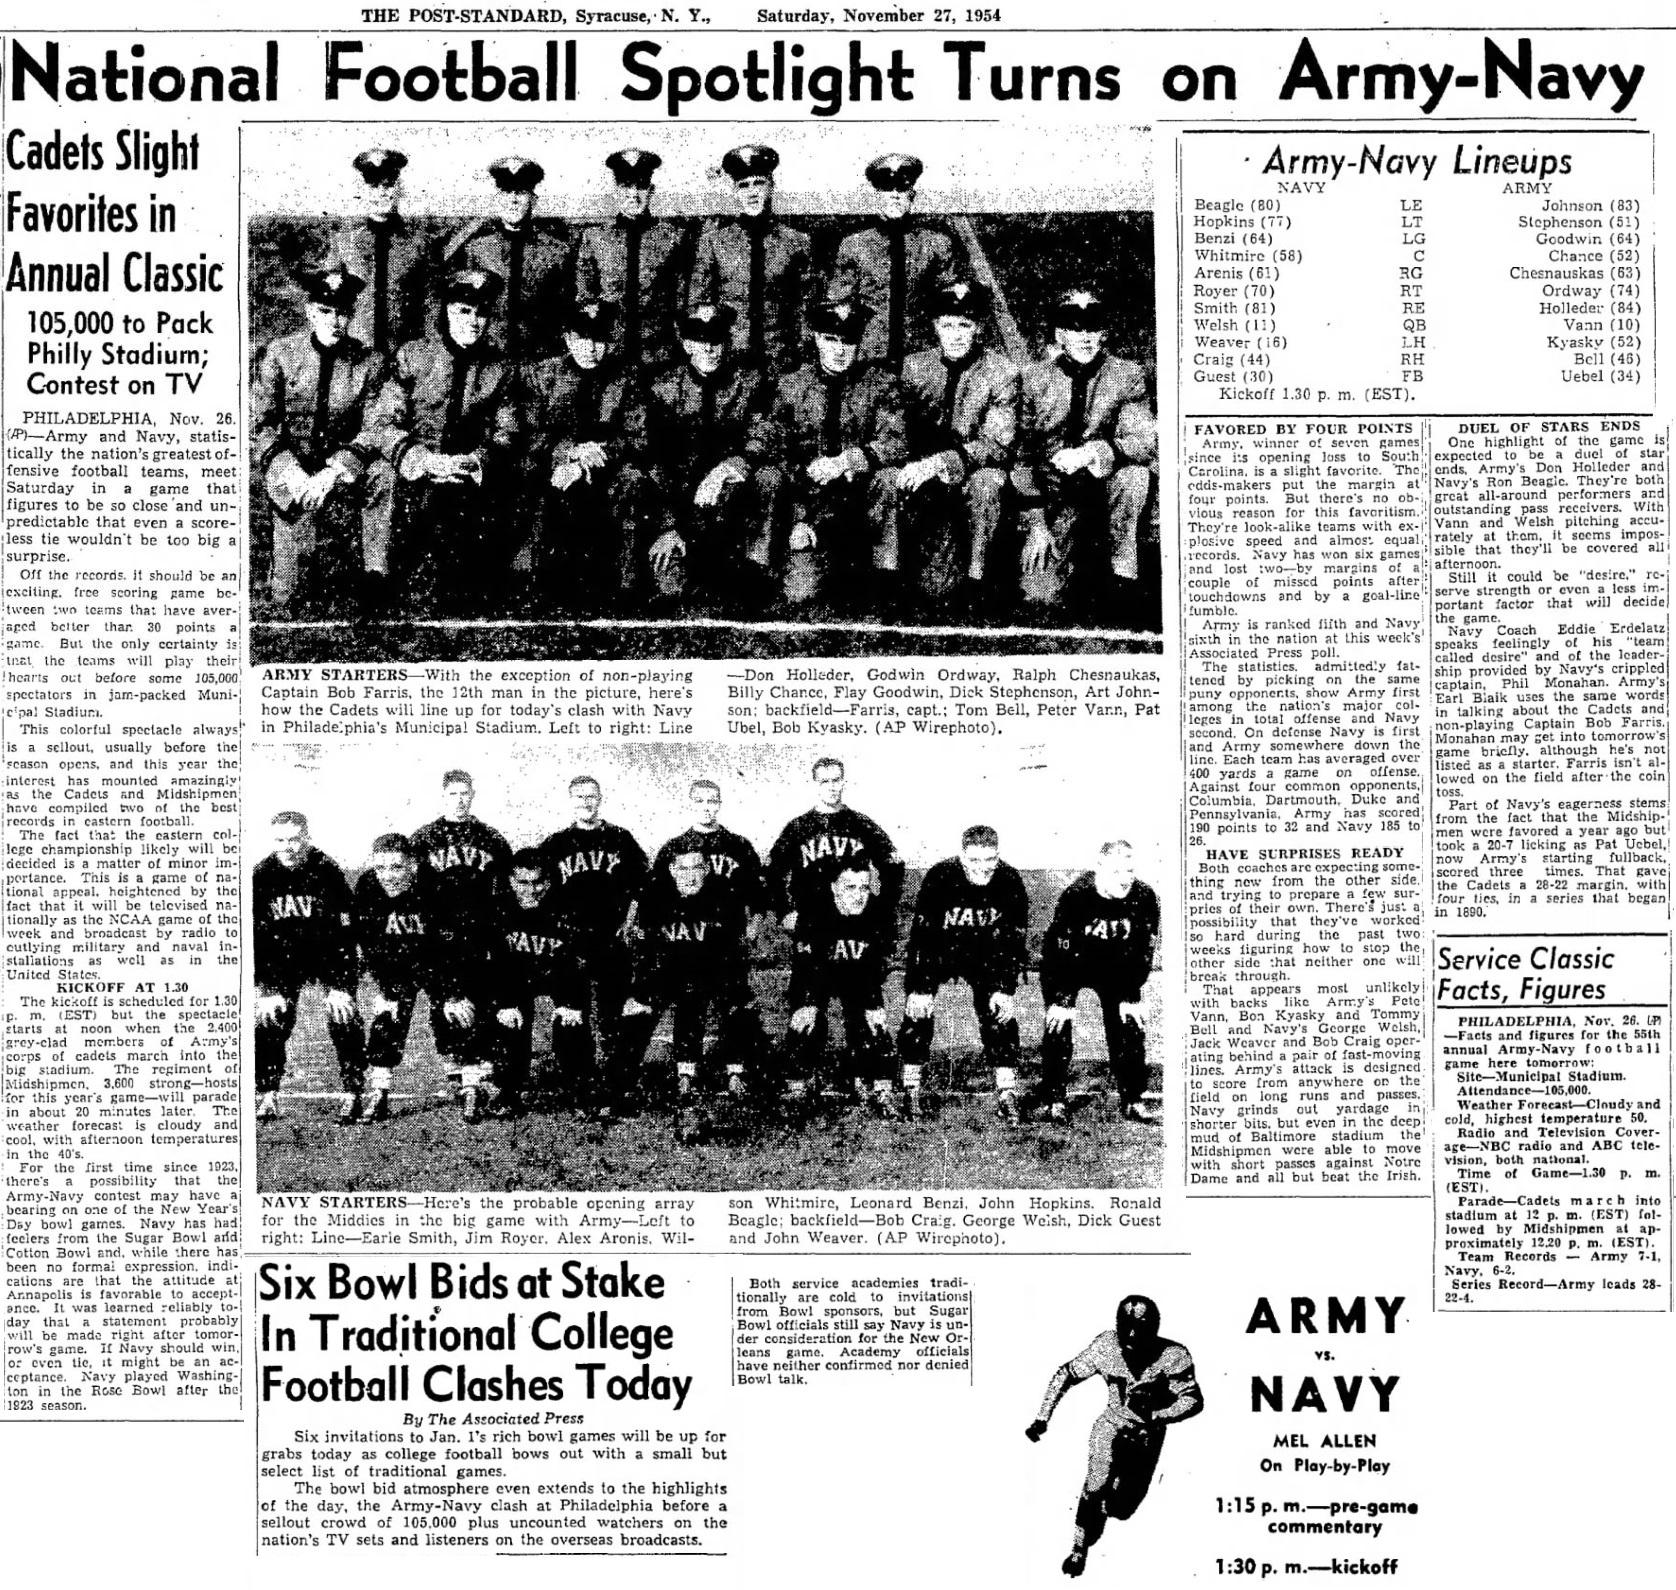 ArmyFB_1954_vsNavy_Starters_PostStandardSyracuseNY_Nov271954